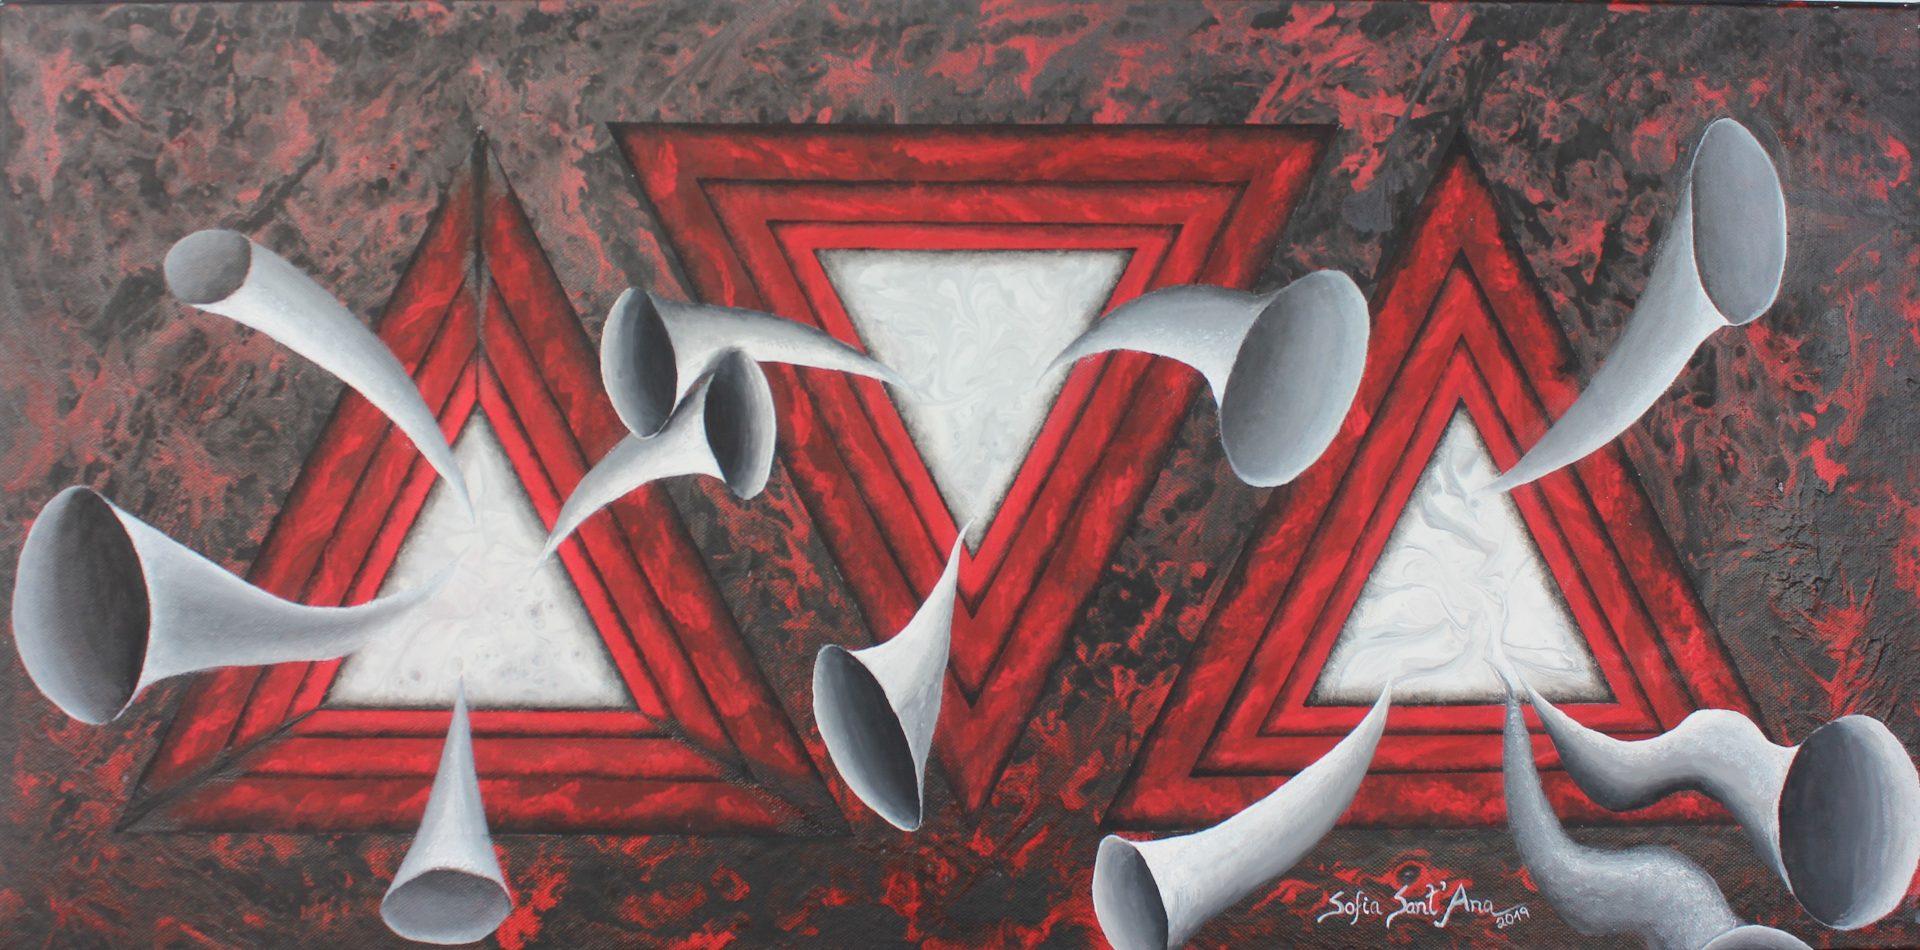 Obra Ecos pintada à mão em acrílico sobre tela